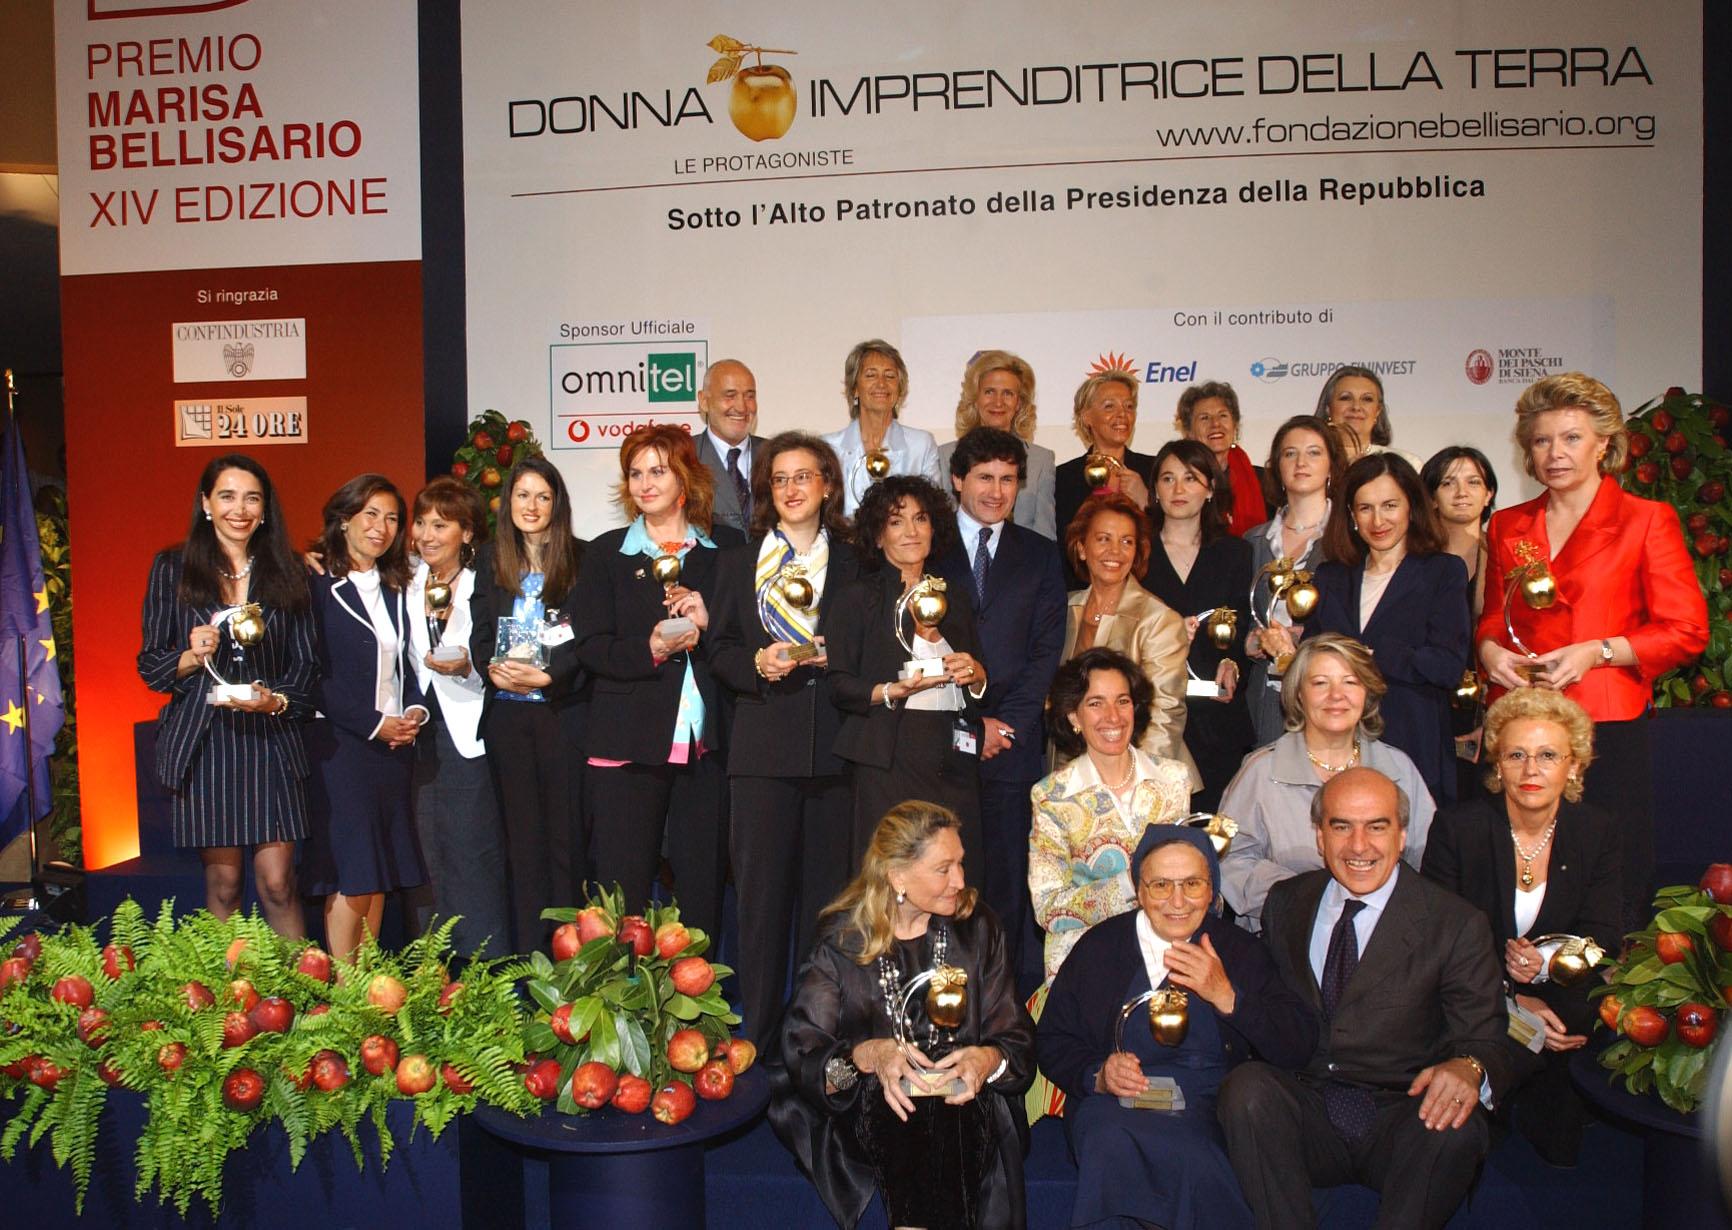 foto maurizio riccardigruppo premio bellisario 2002